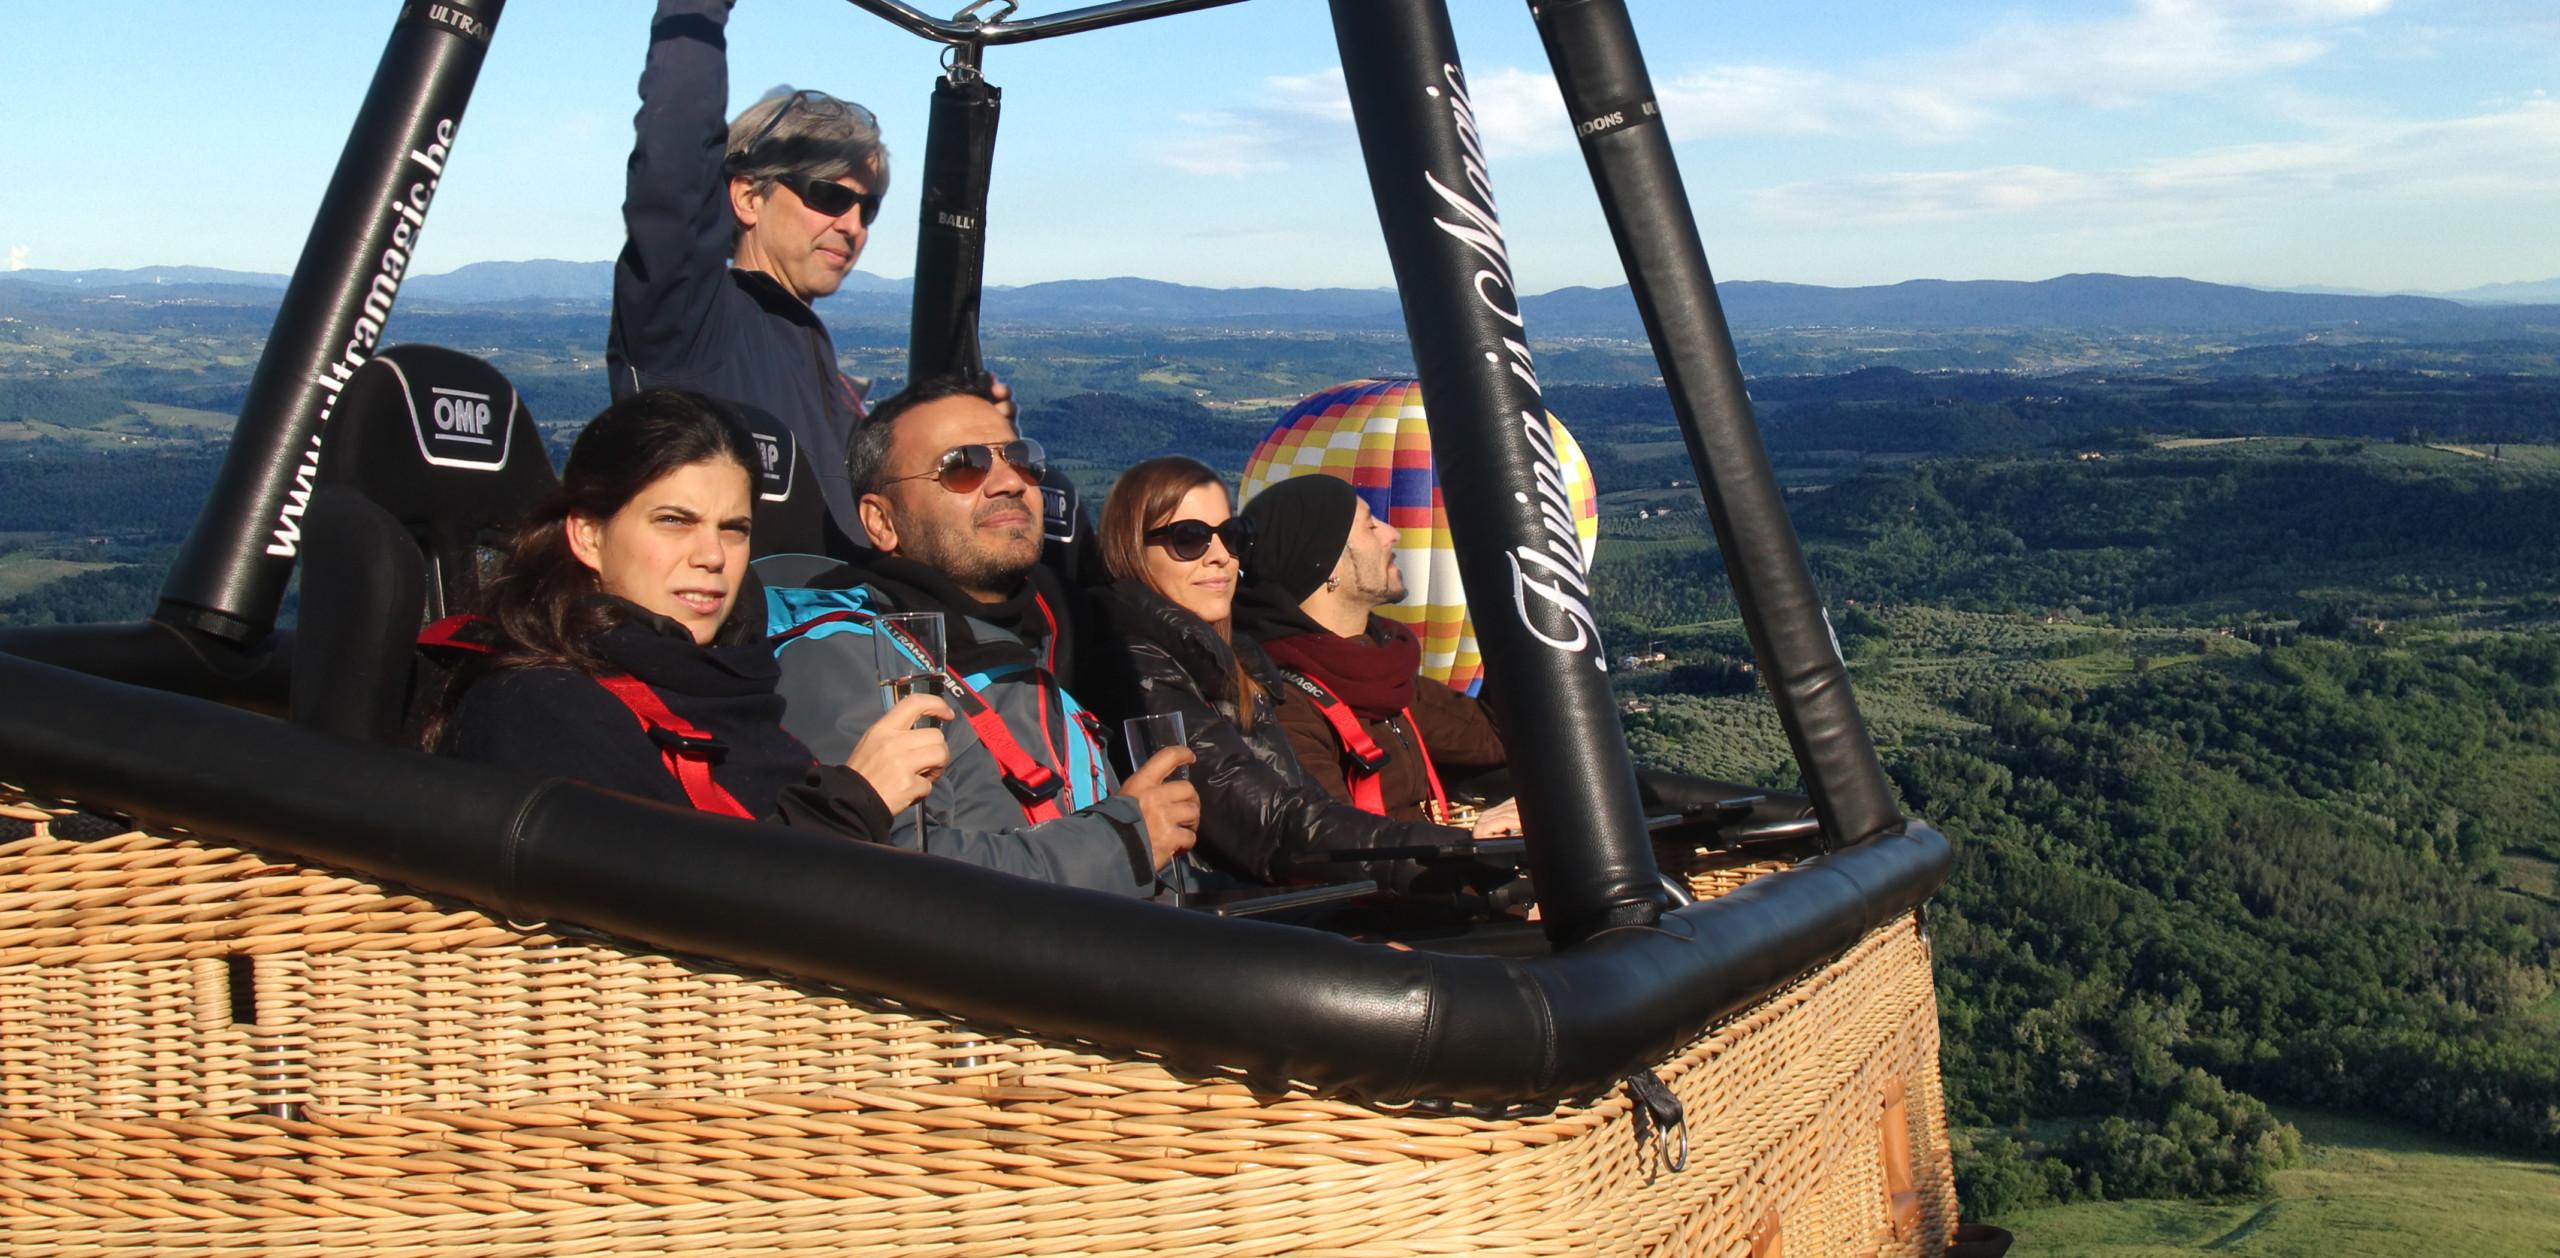 Volare seduti in mongolfiera cesta vip